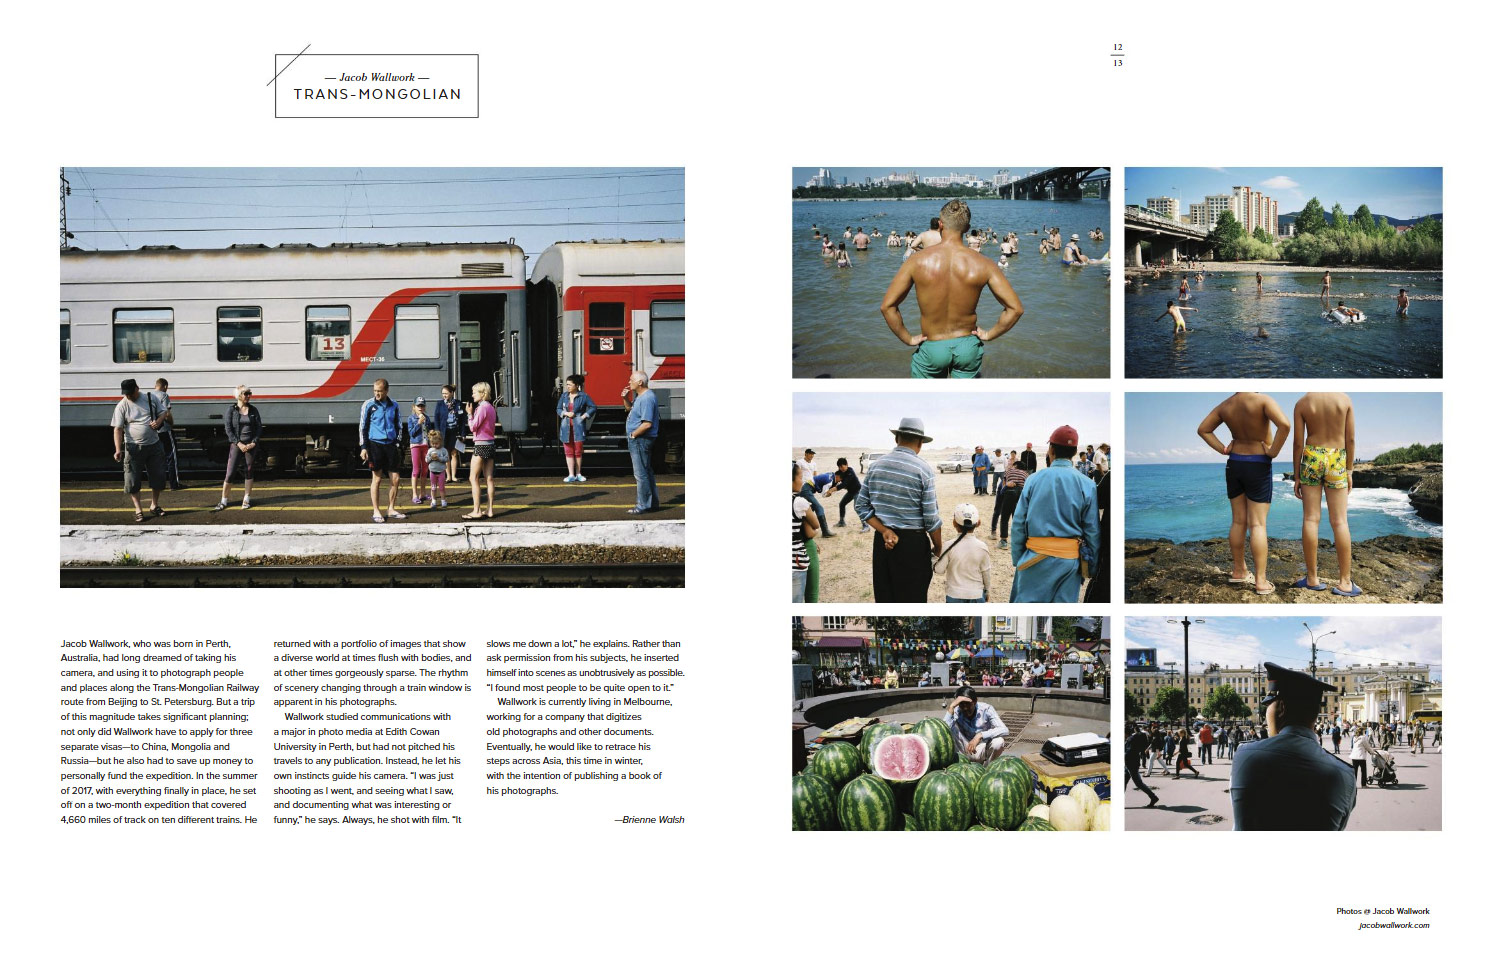 Трансмонгольский © Джейкоб Уоллворк, Фотоконкурс «Начинающий фотограф» — Emerging Photographer